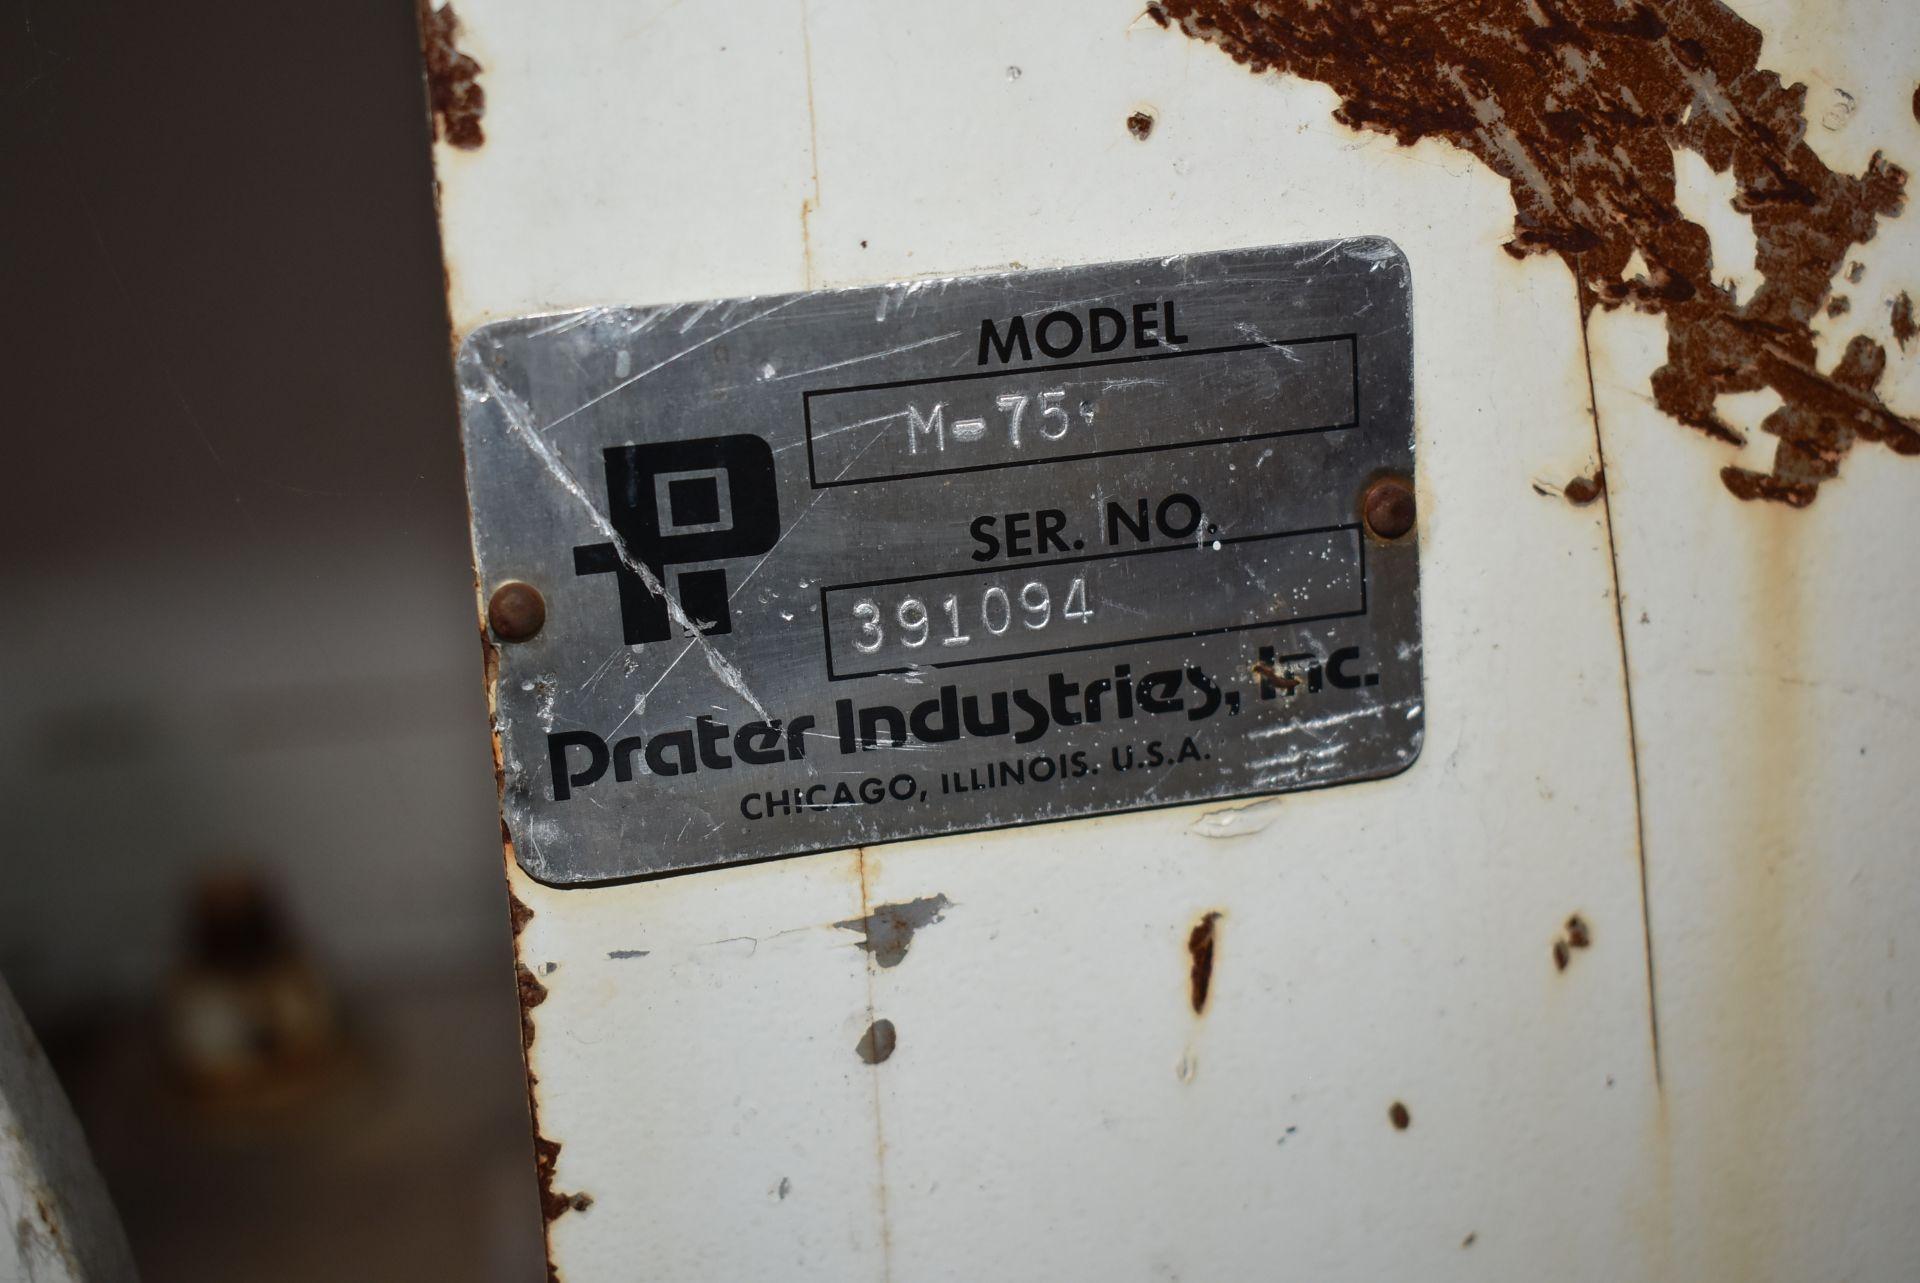 Prater Fine Grinder w/100 HP Motor - Image 3 of 4